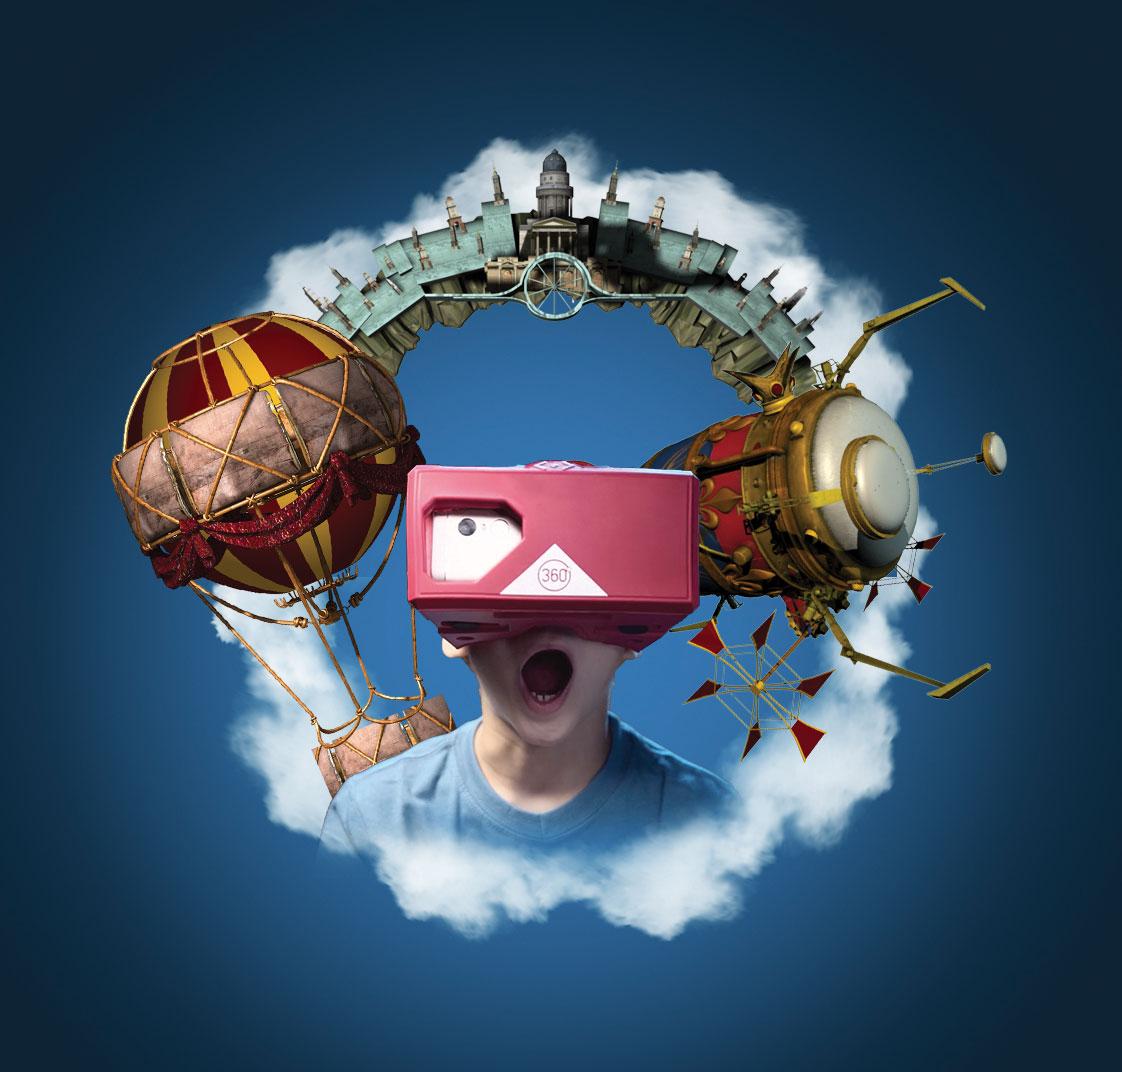 Мировая премьера в Гешере: спектакль для детей «Гулливер» с использованием новейшей технологии Augmented Reality